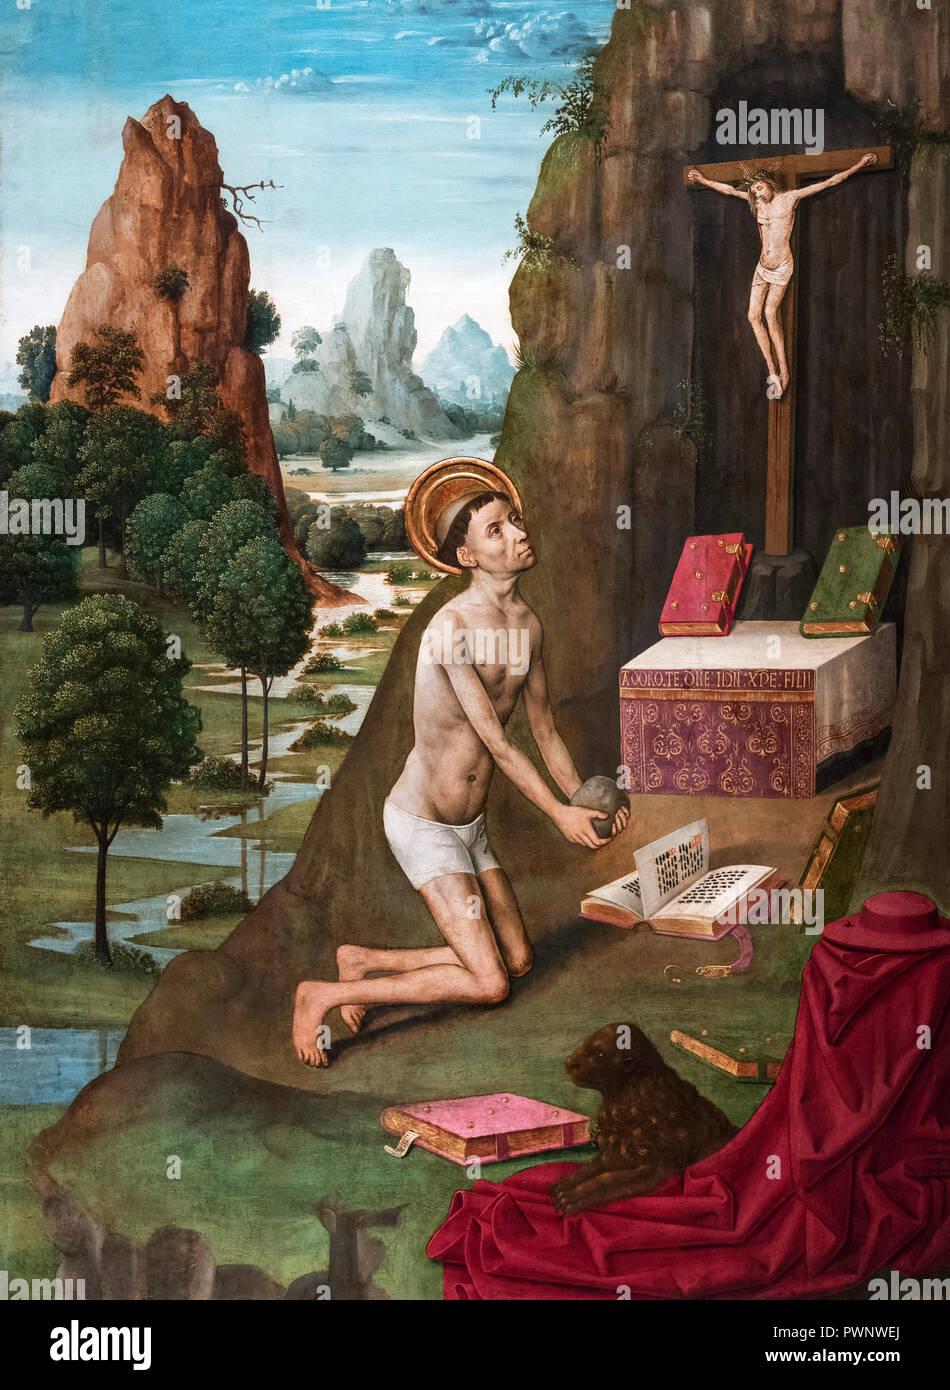 Der heilige Hieronymus Büßer von Meister von La Seu d'Urgell; Öl, Stuck und Blattgold auf Holz; c 1495 Stockbild